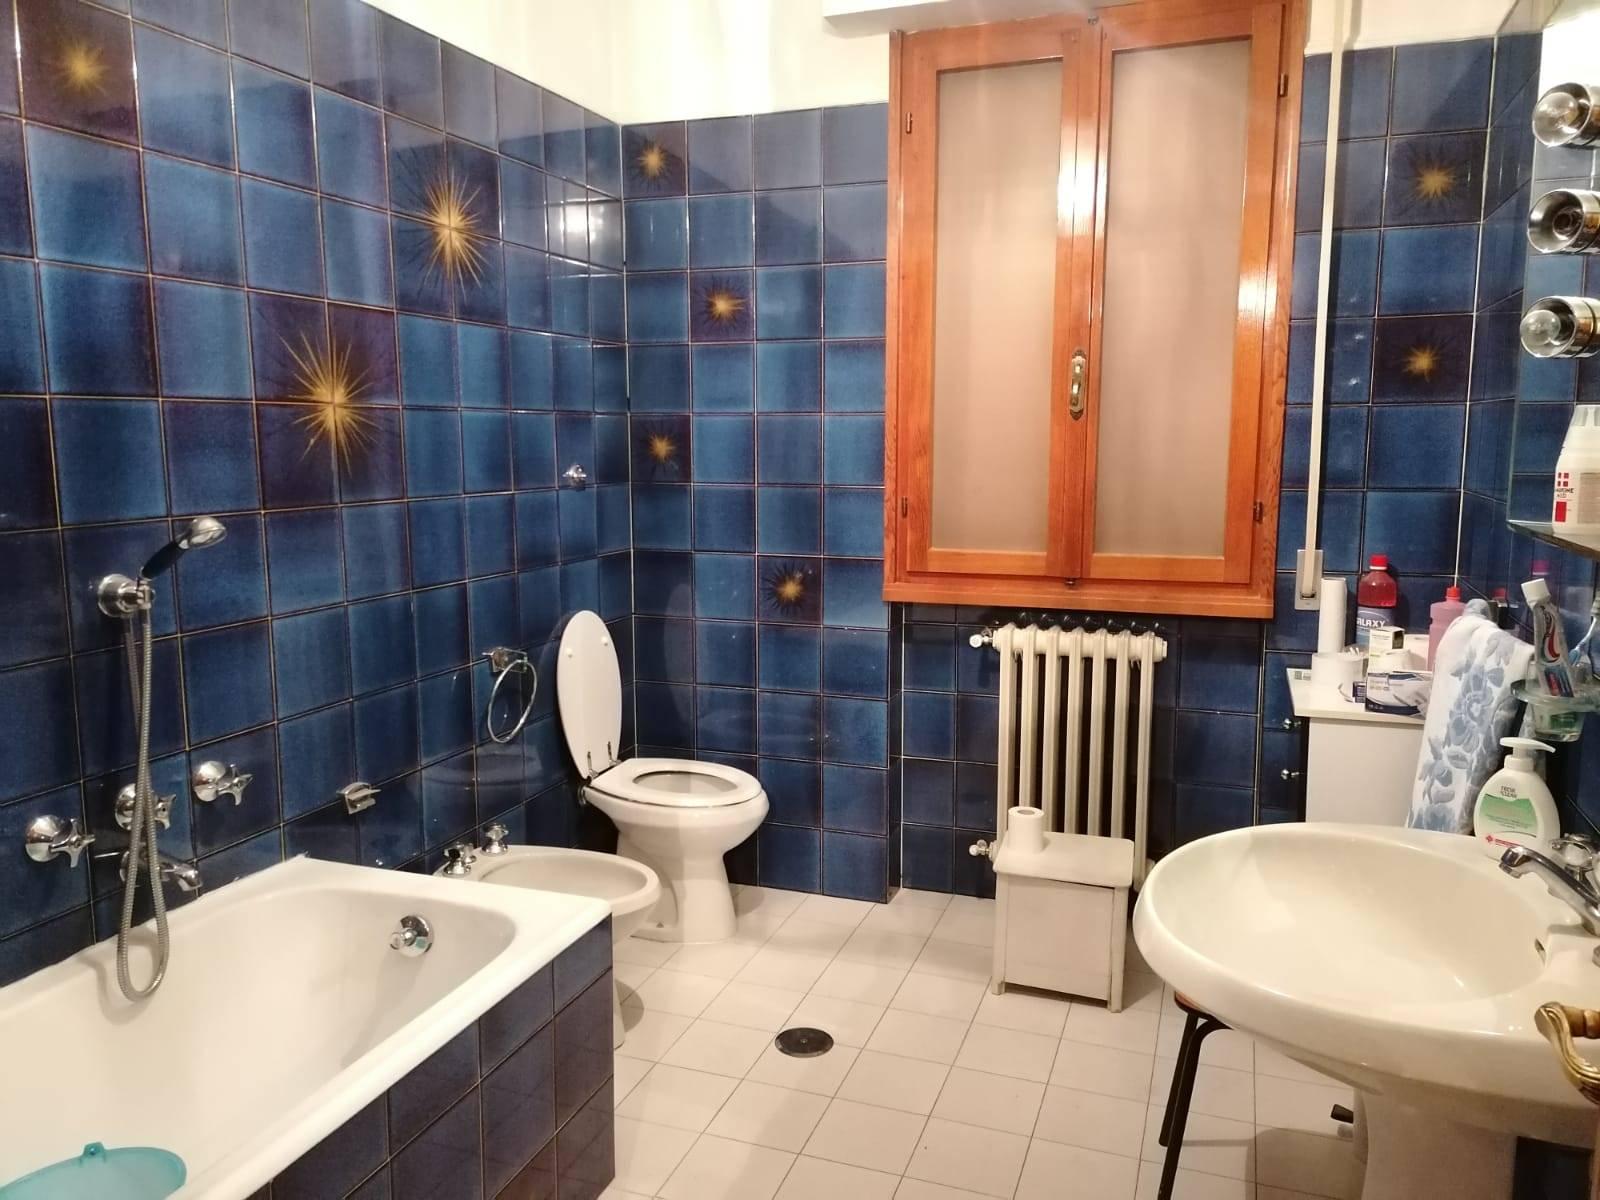 Villa in Vendita a Campi bisenzio zona  - immagine 23